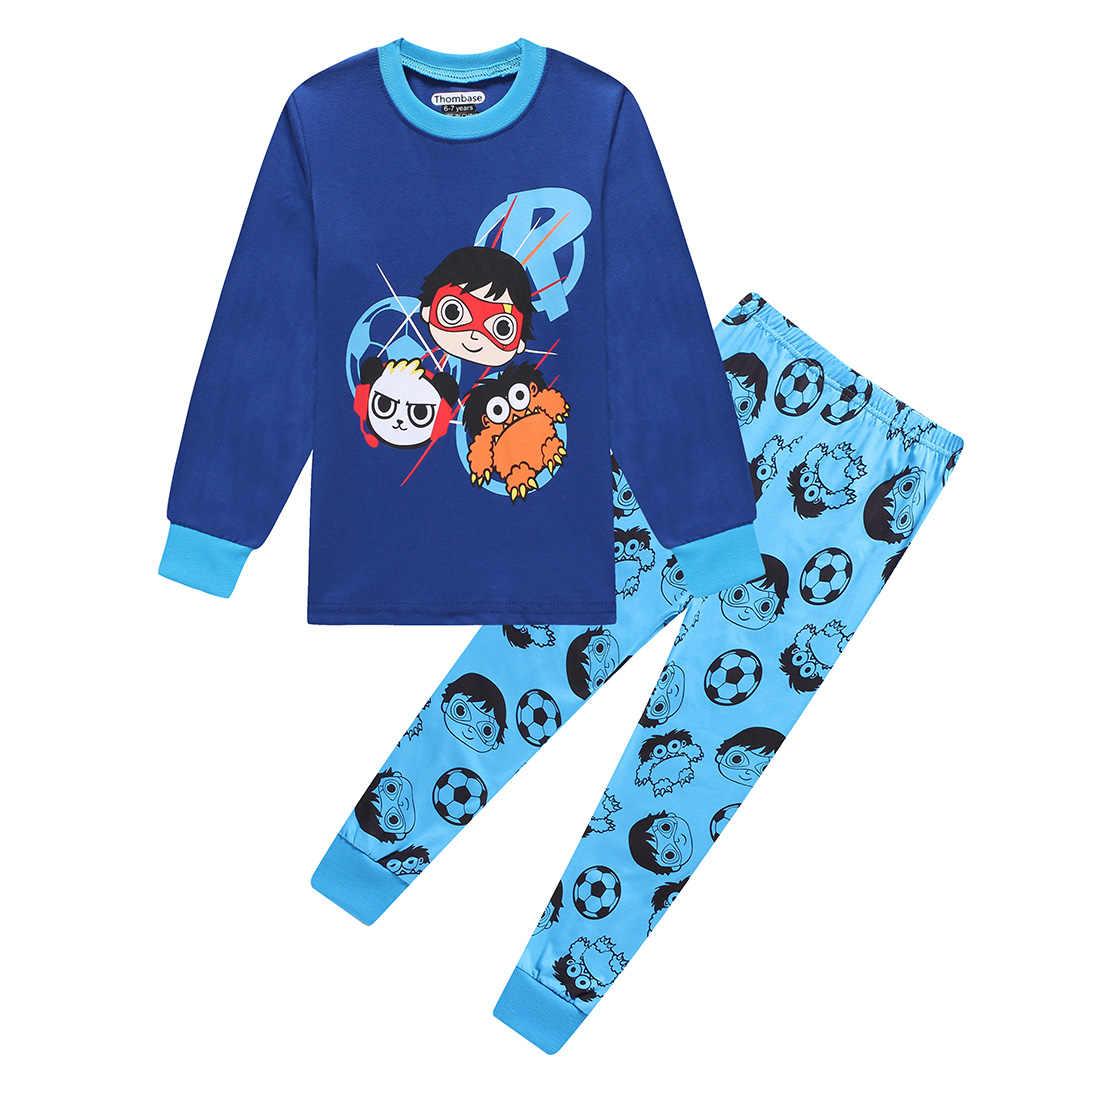 Baby Boy Girl Ryan Toys Review Christmas Pajamas Ryan's World Toddler boys  Xmas Pyjamas Pjs Tops Kids Children Sleepwear Pijamas Pajama Sets  -  AliExpress